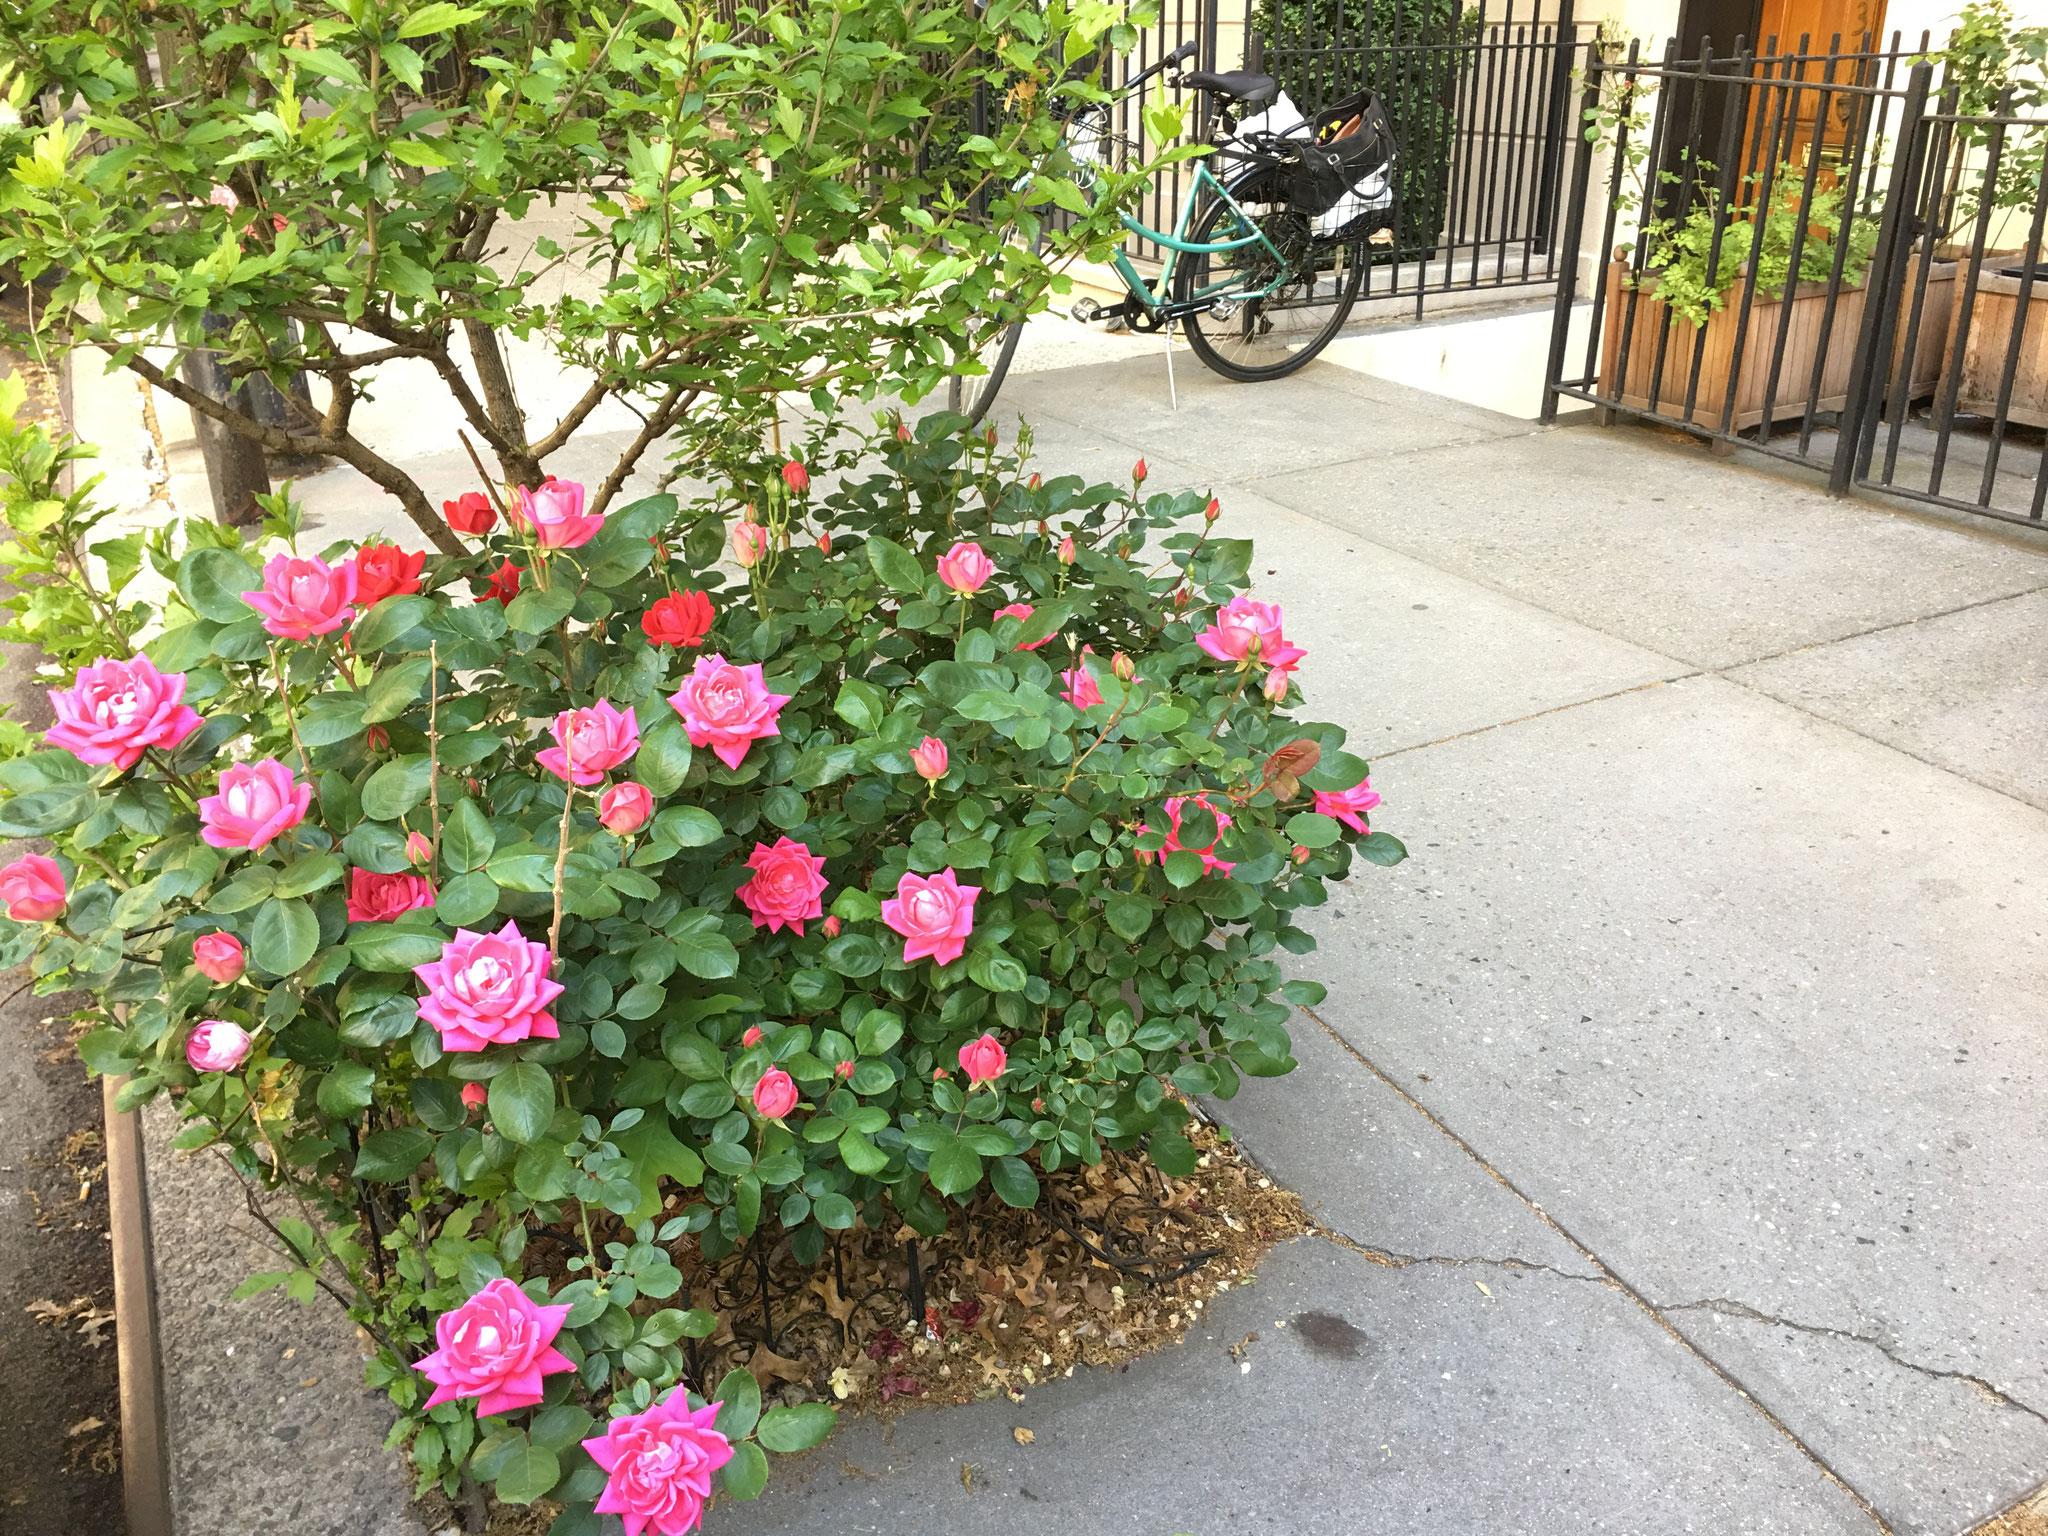 John's roses, NYC, 5-2020